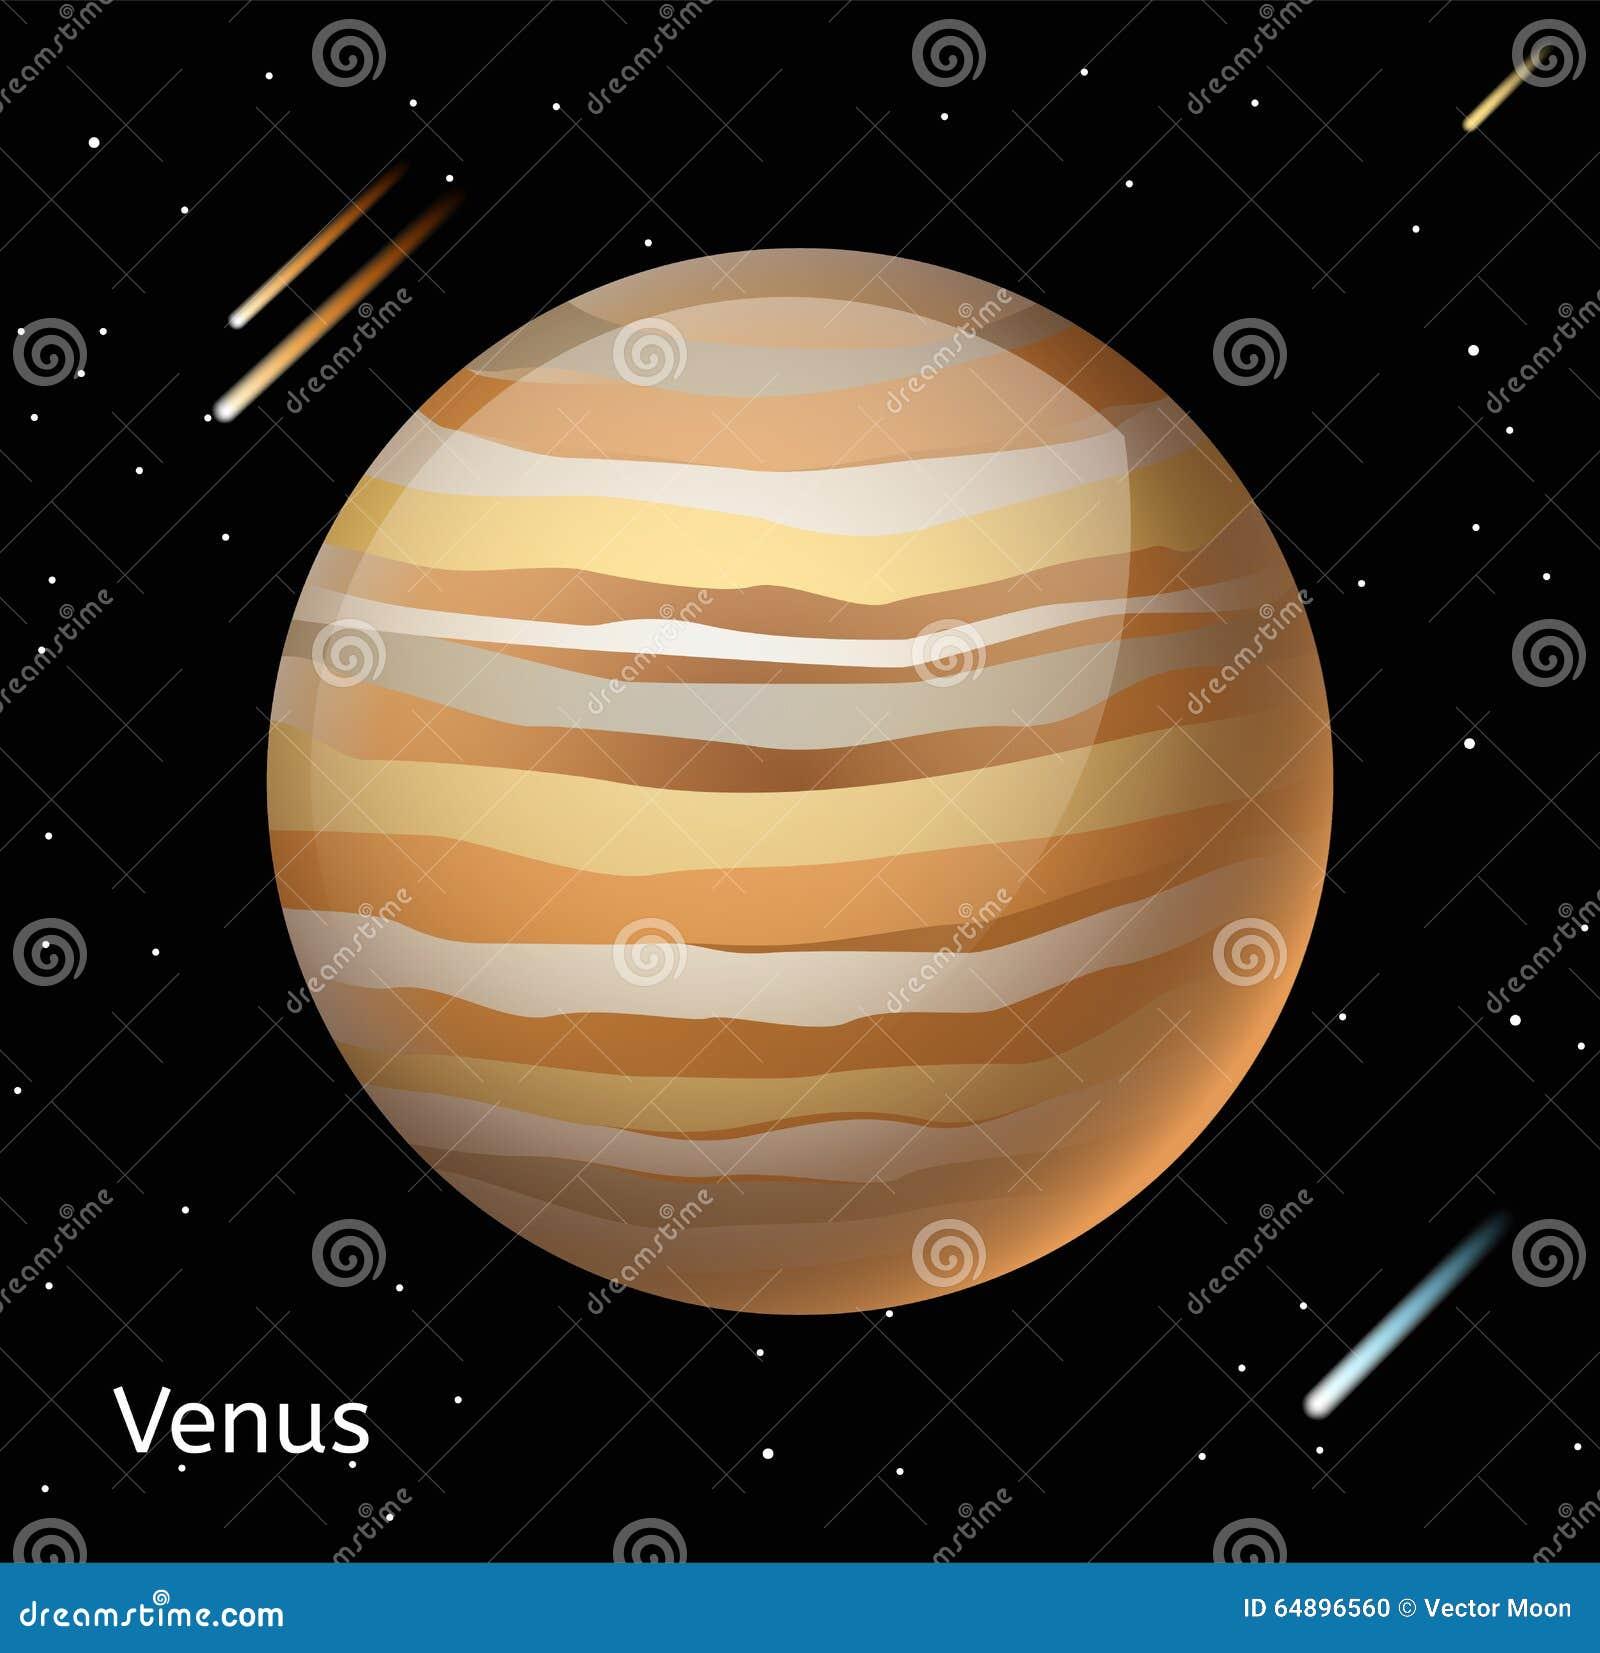 Venus Planet 3d Vector Illustration Stock Vector - Illustration of